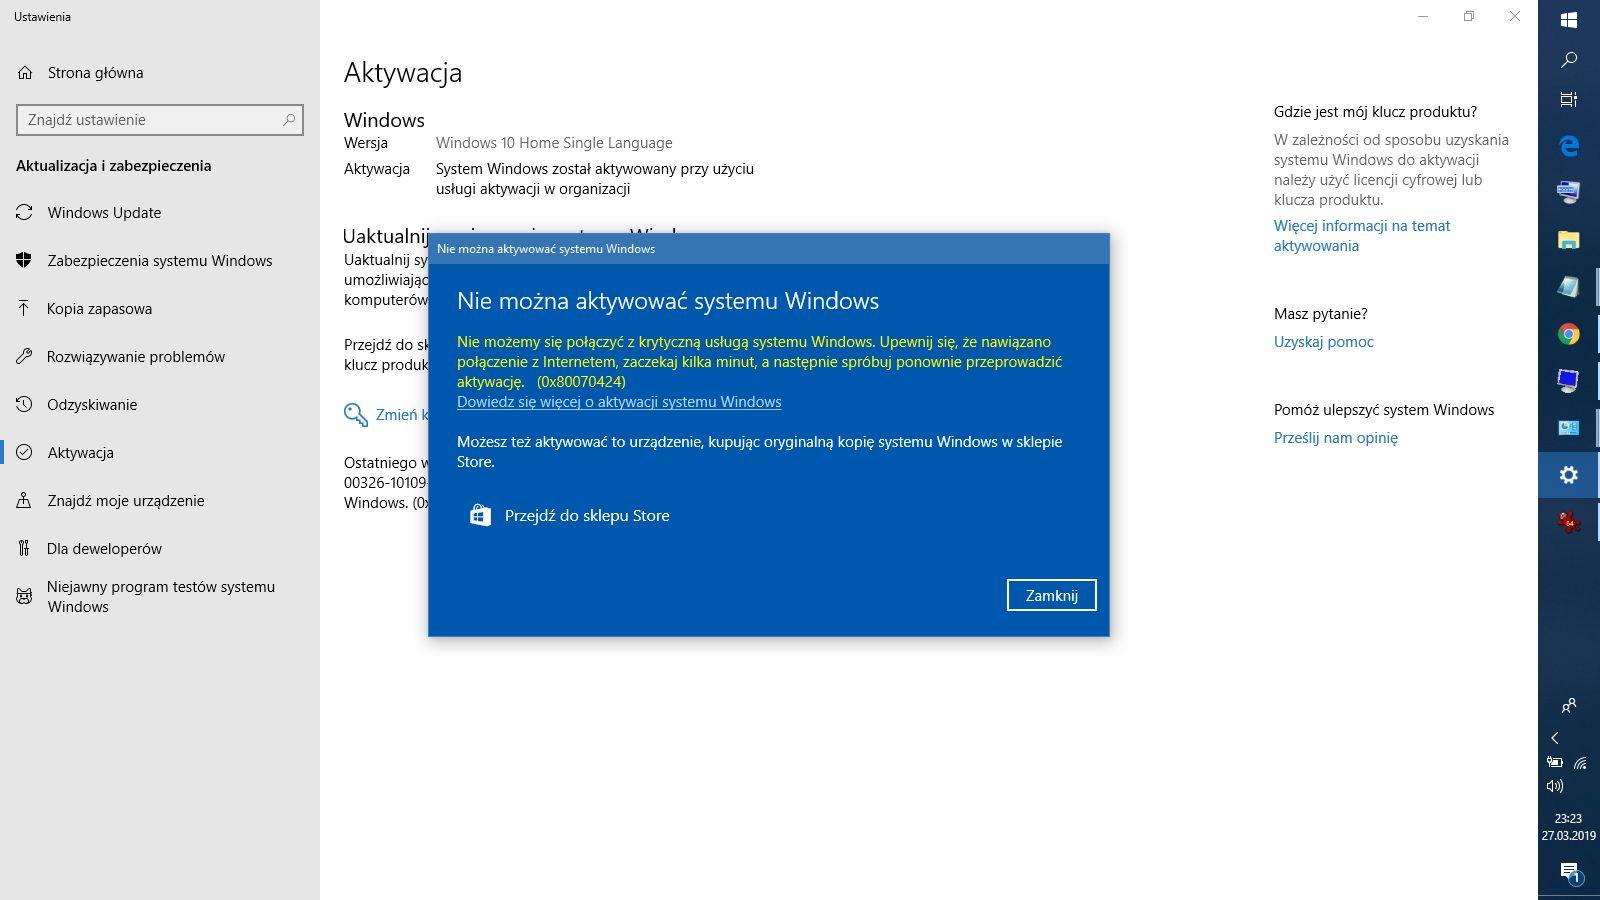 Błąd 0x80070424 przy próbie zmiany klucza Windows - Windows (ogólnie